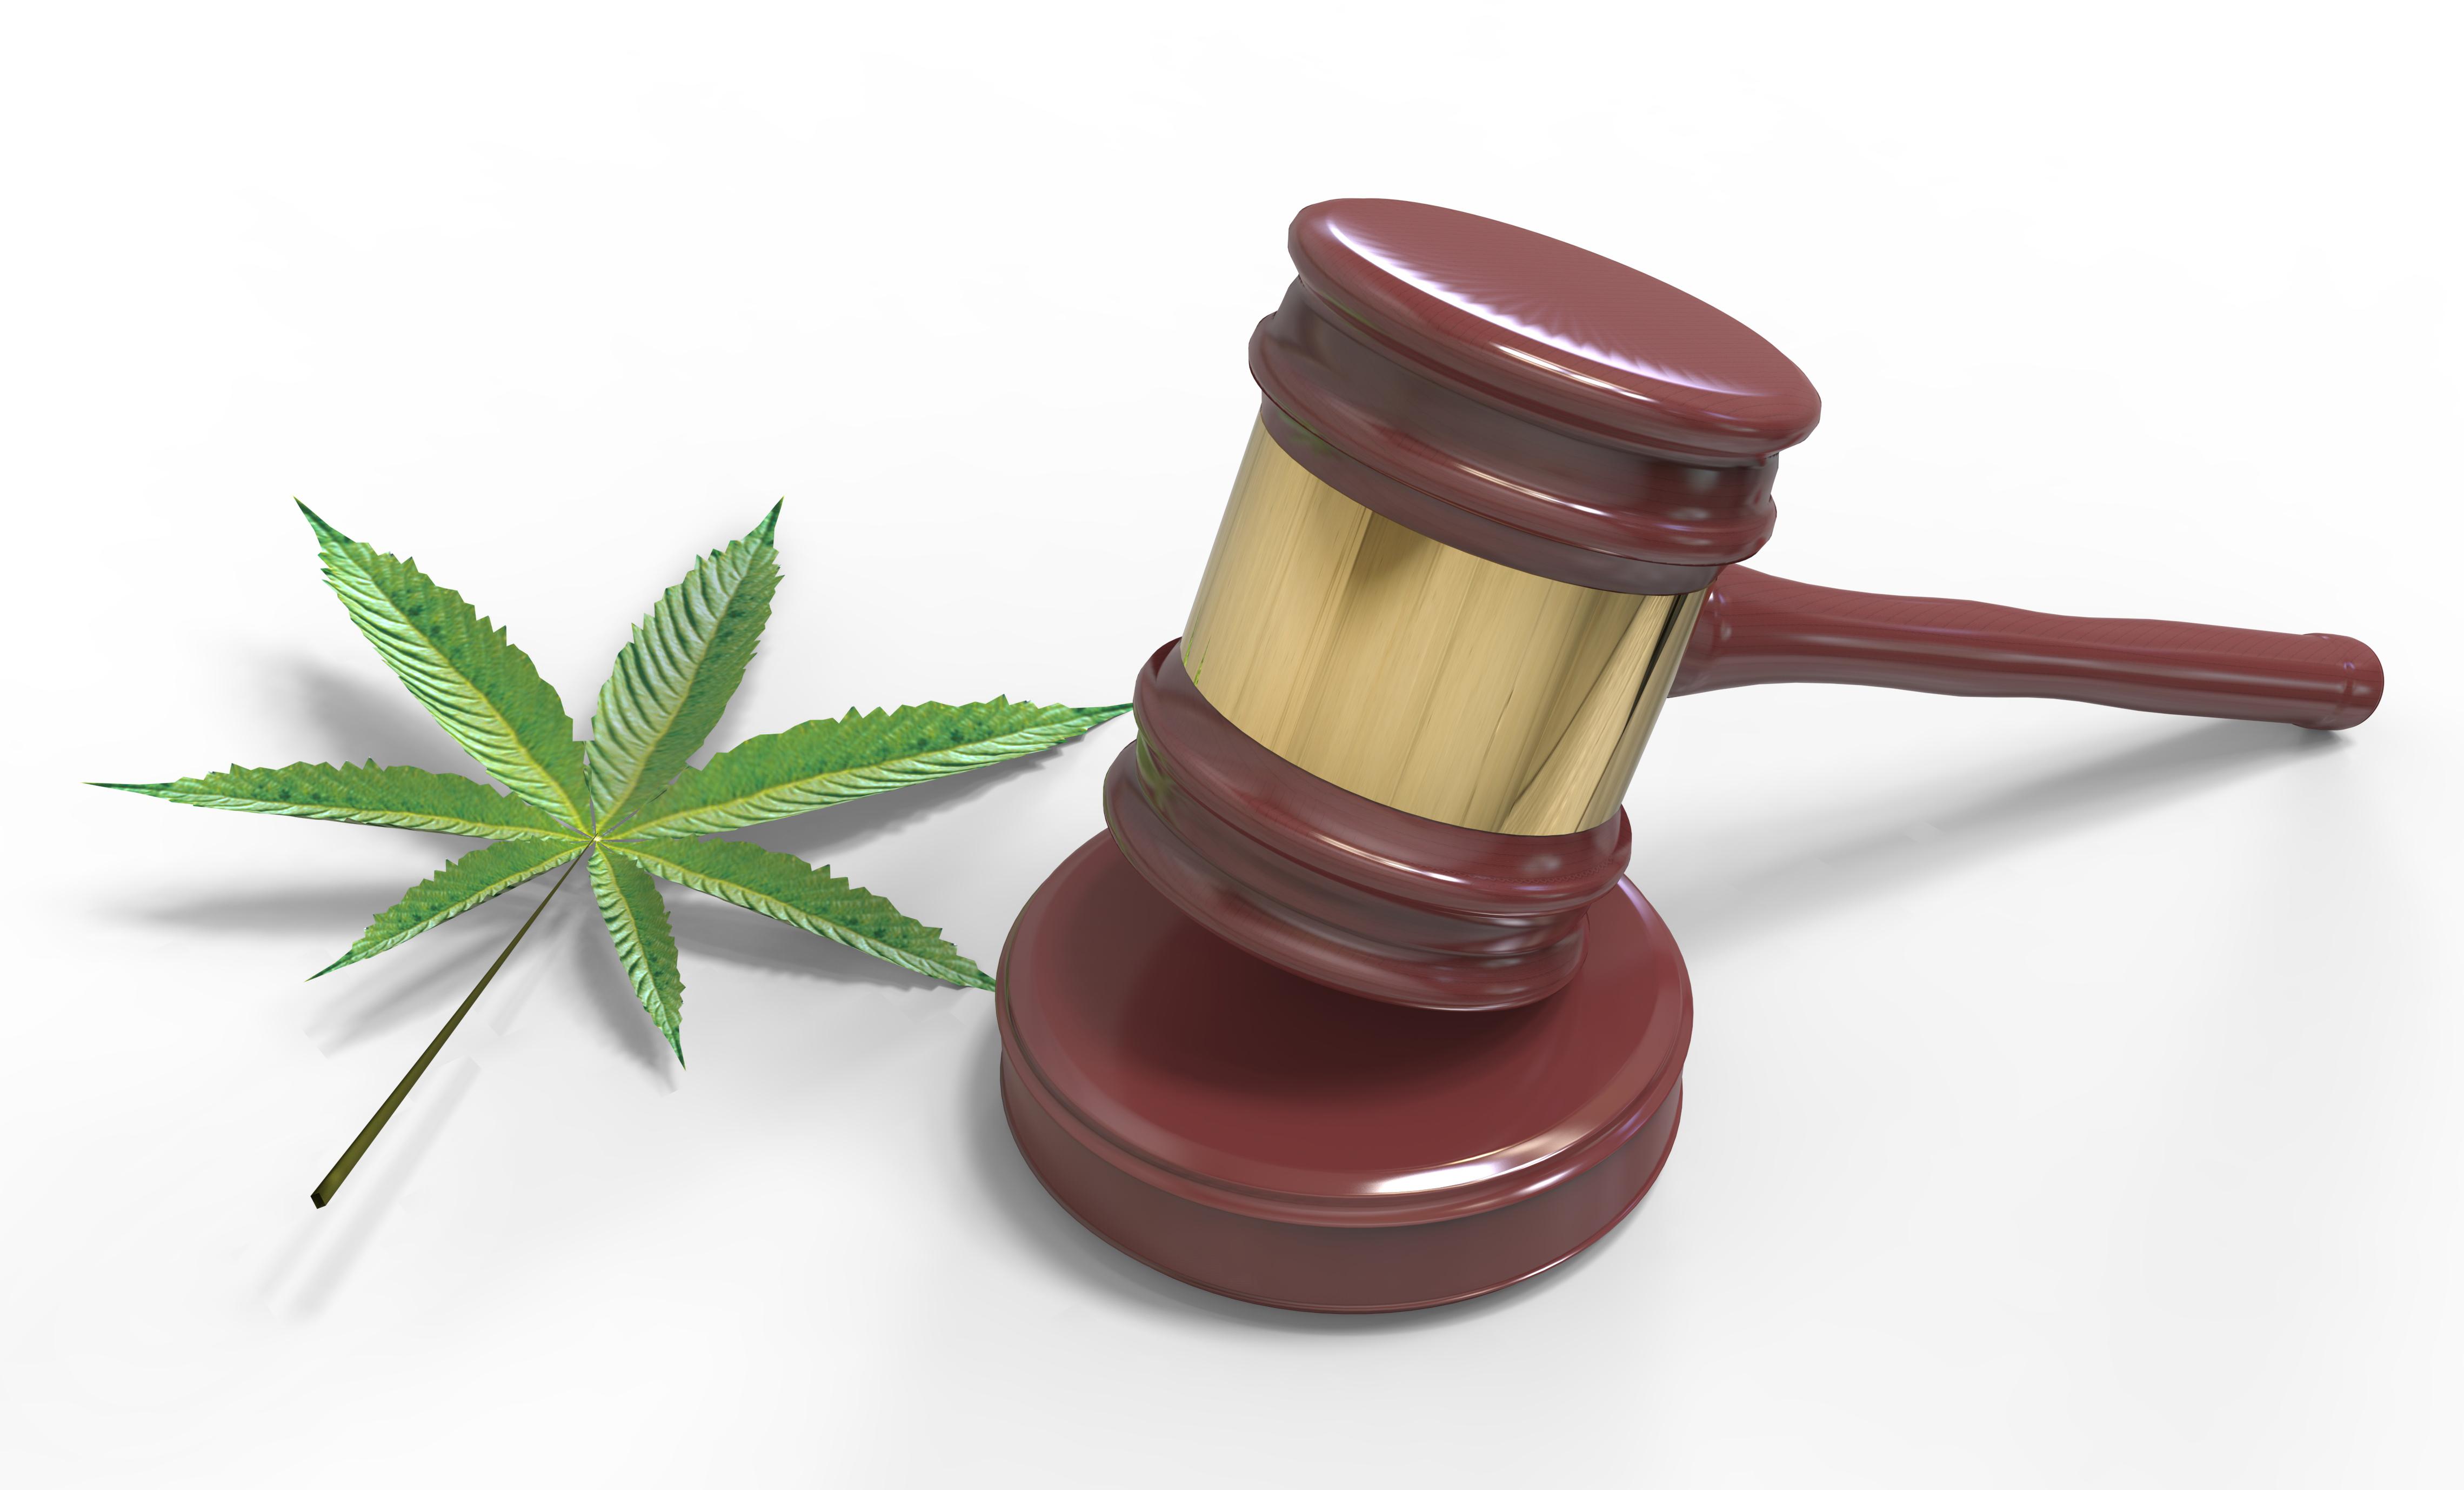 shutterstock 1033147372 - Marijuana Possession - UPM